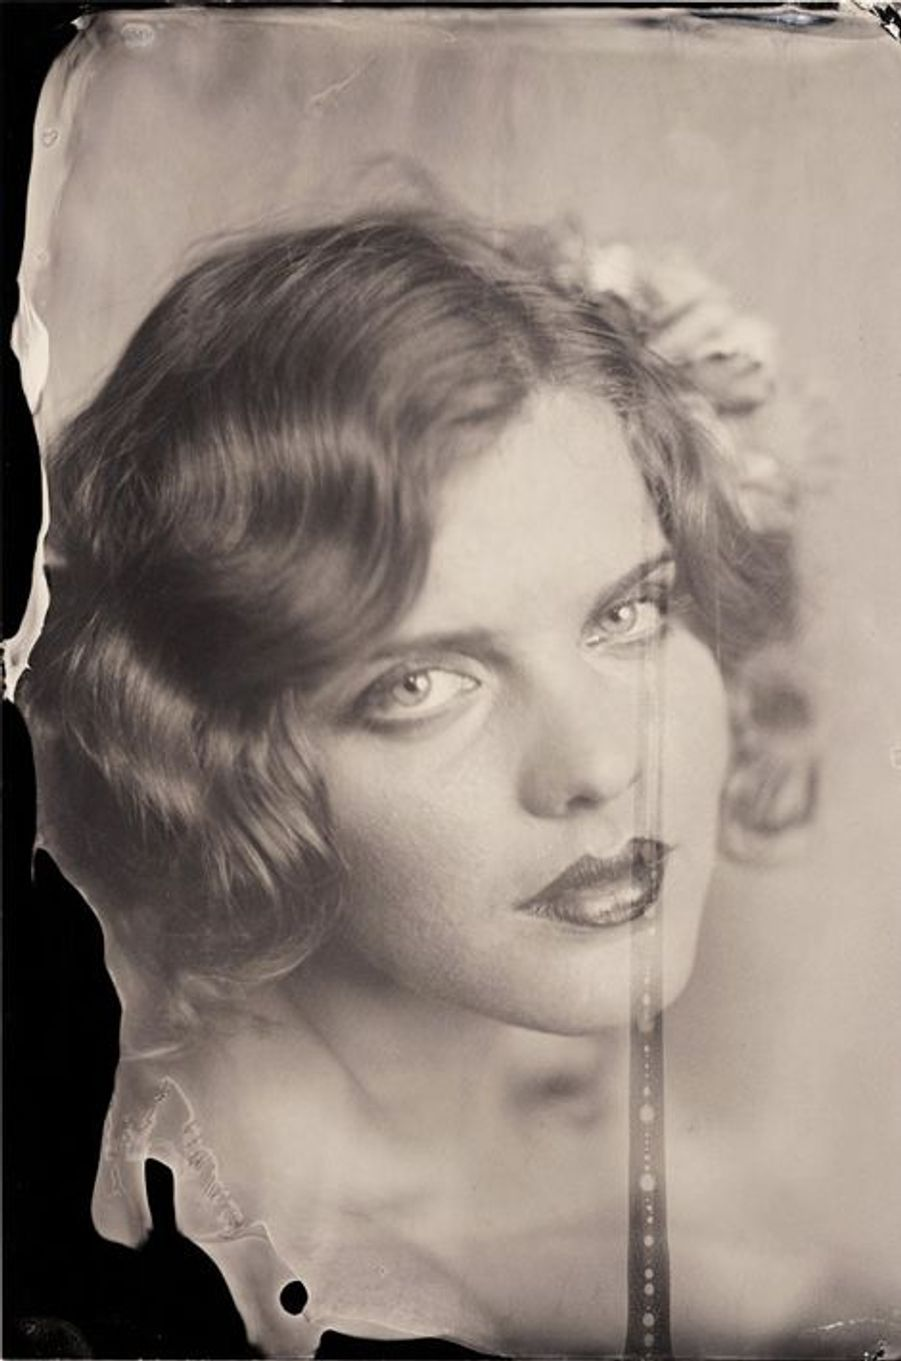 «Sur cette photo, la faible profondeur de champ de la lentille apparaît à l'œil nu : le cou est flou, ainsi que la partie droite de ses cheveux, tandis que le visage est bien net. Avec la mannequin Syrie Moskowitz. 2014»